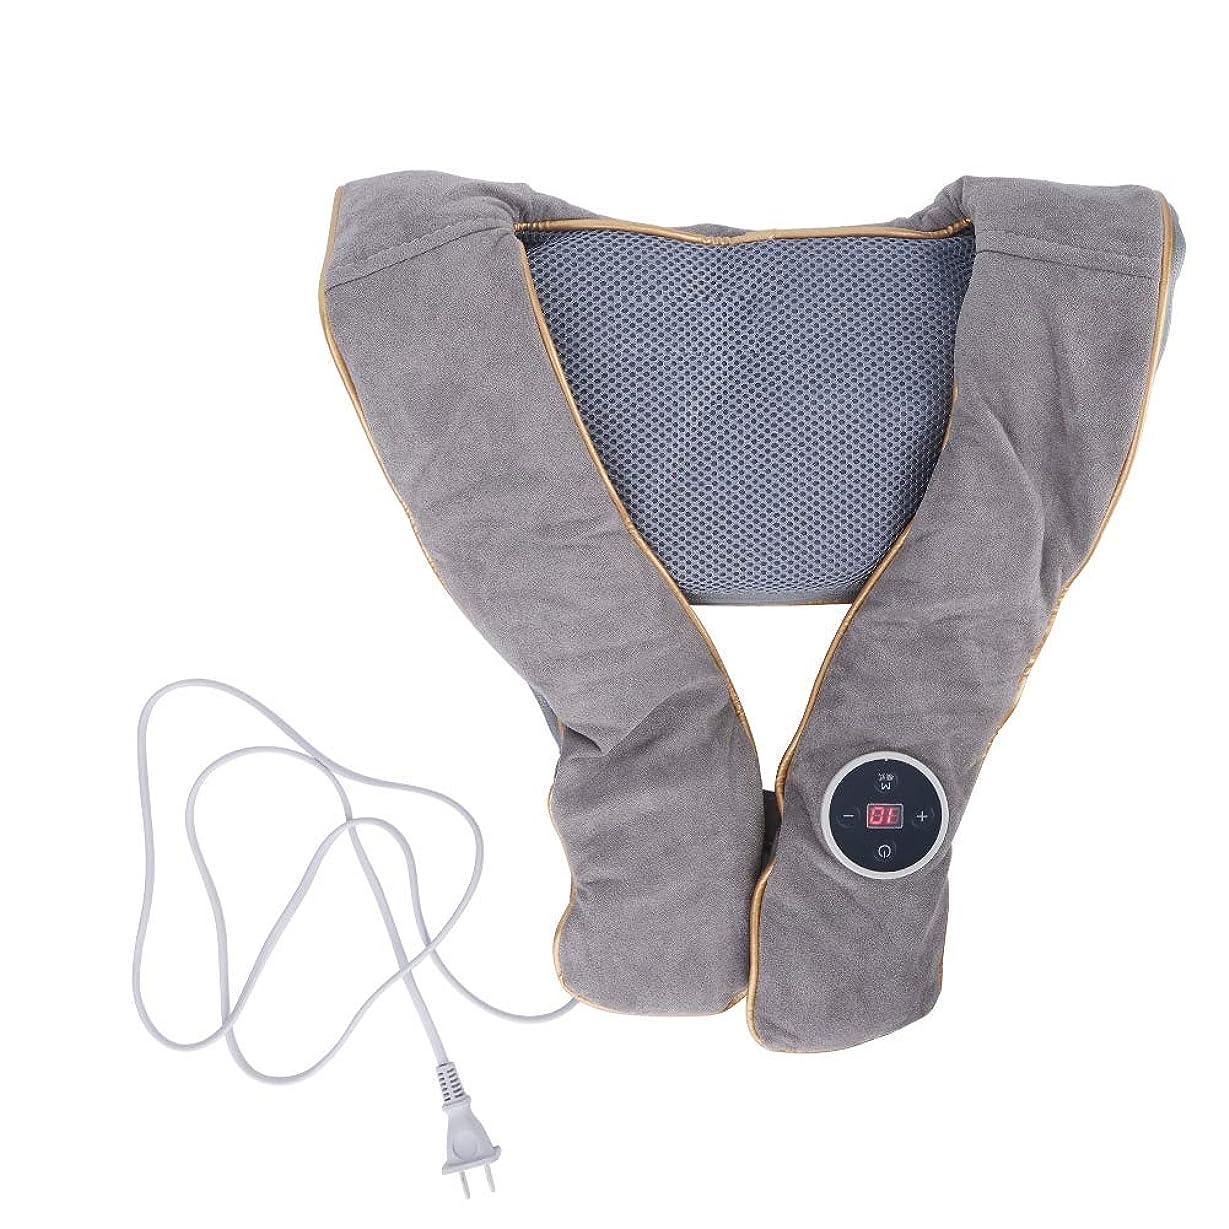 四ほのめかす補正首肩マッサージャー枕ショール、加熱指圧バックマッサージ機ディープニーディングティッシュマッサージ用筋肉痛テンションケア